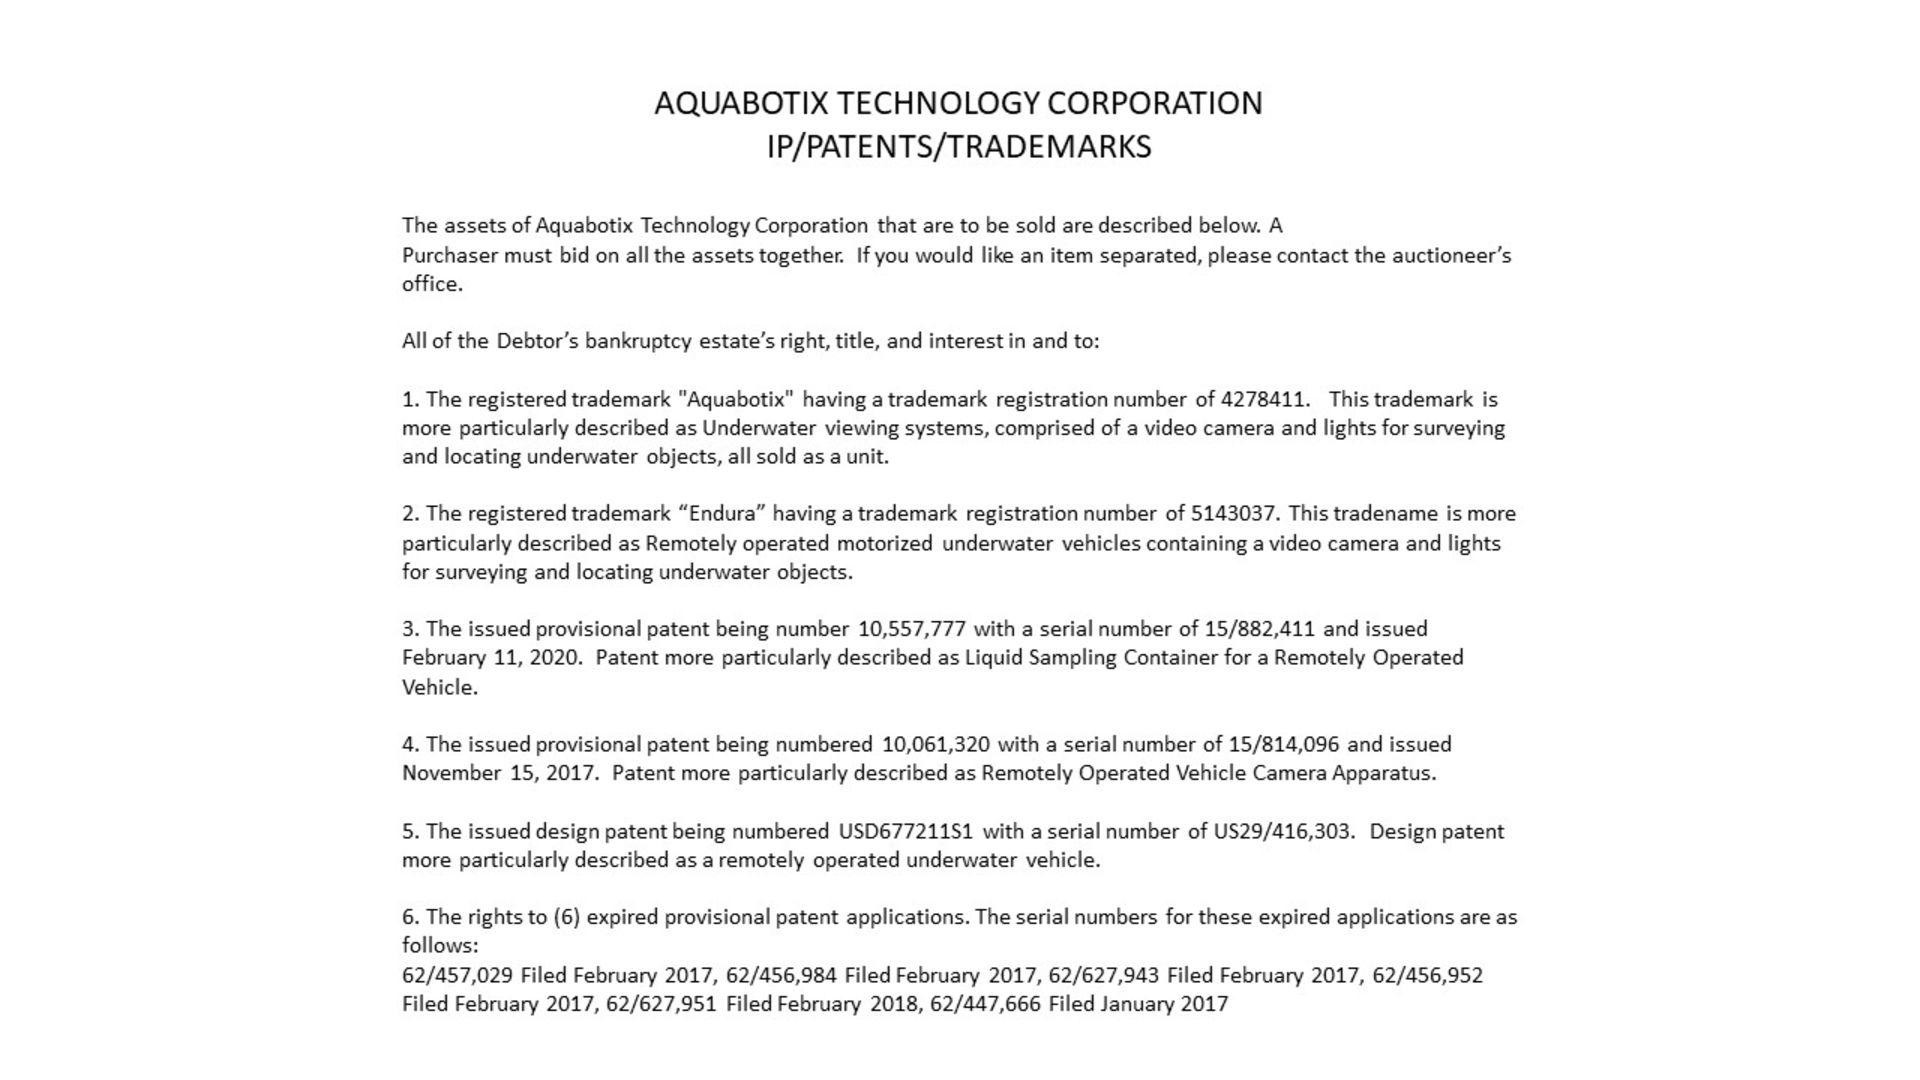 IP/PATENTS/TRADEMARKS - SEE DESCRIPTION TO INQUIRE, PLEASE CONTACT PCOTTO@PESCO.com